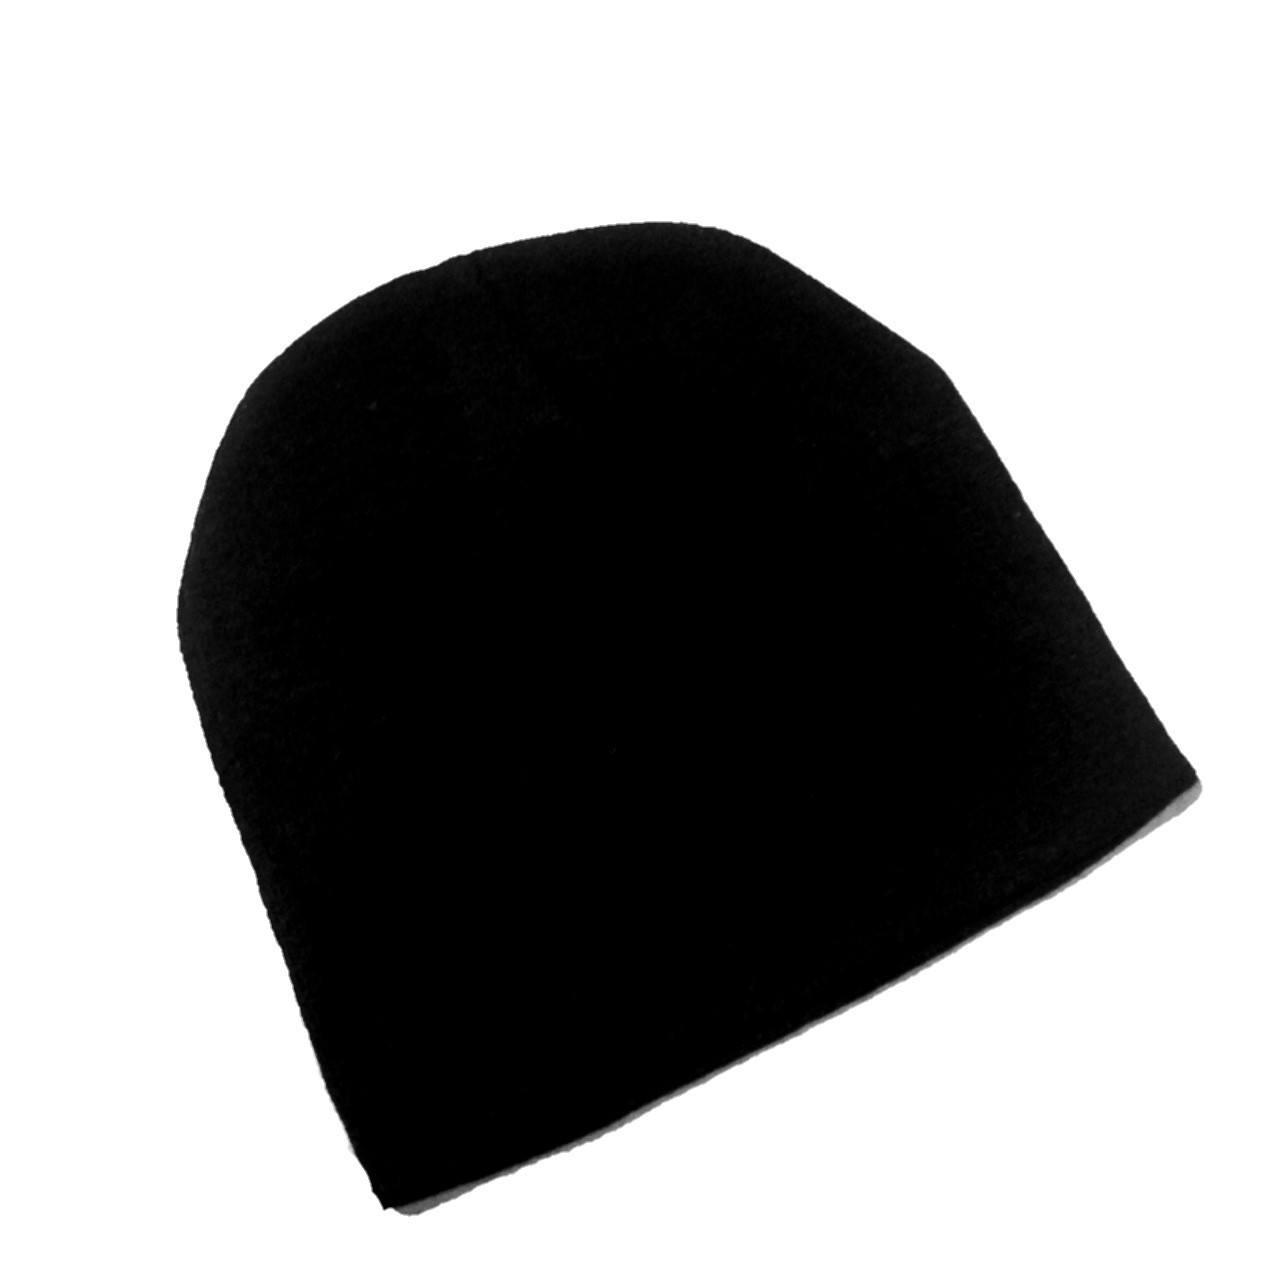 Gorro de lã Touca unissex  liso preto